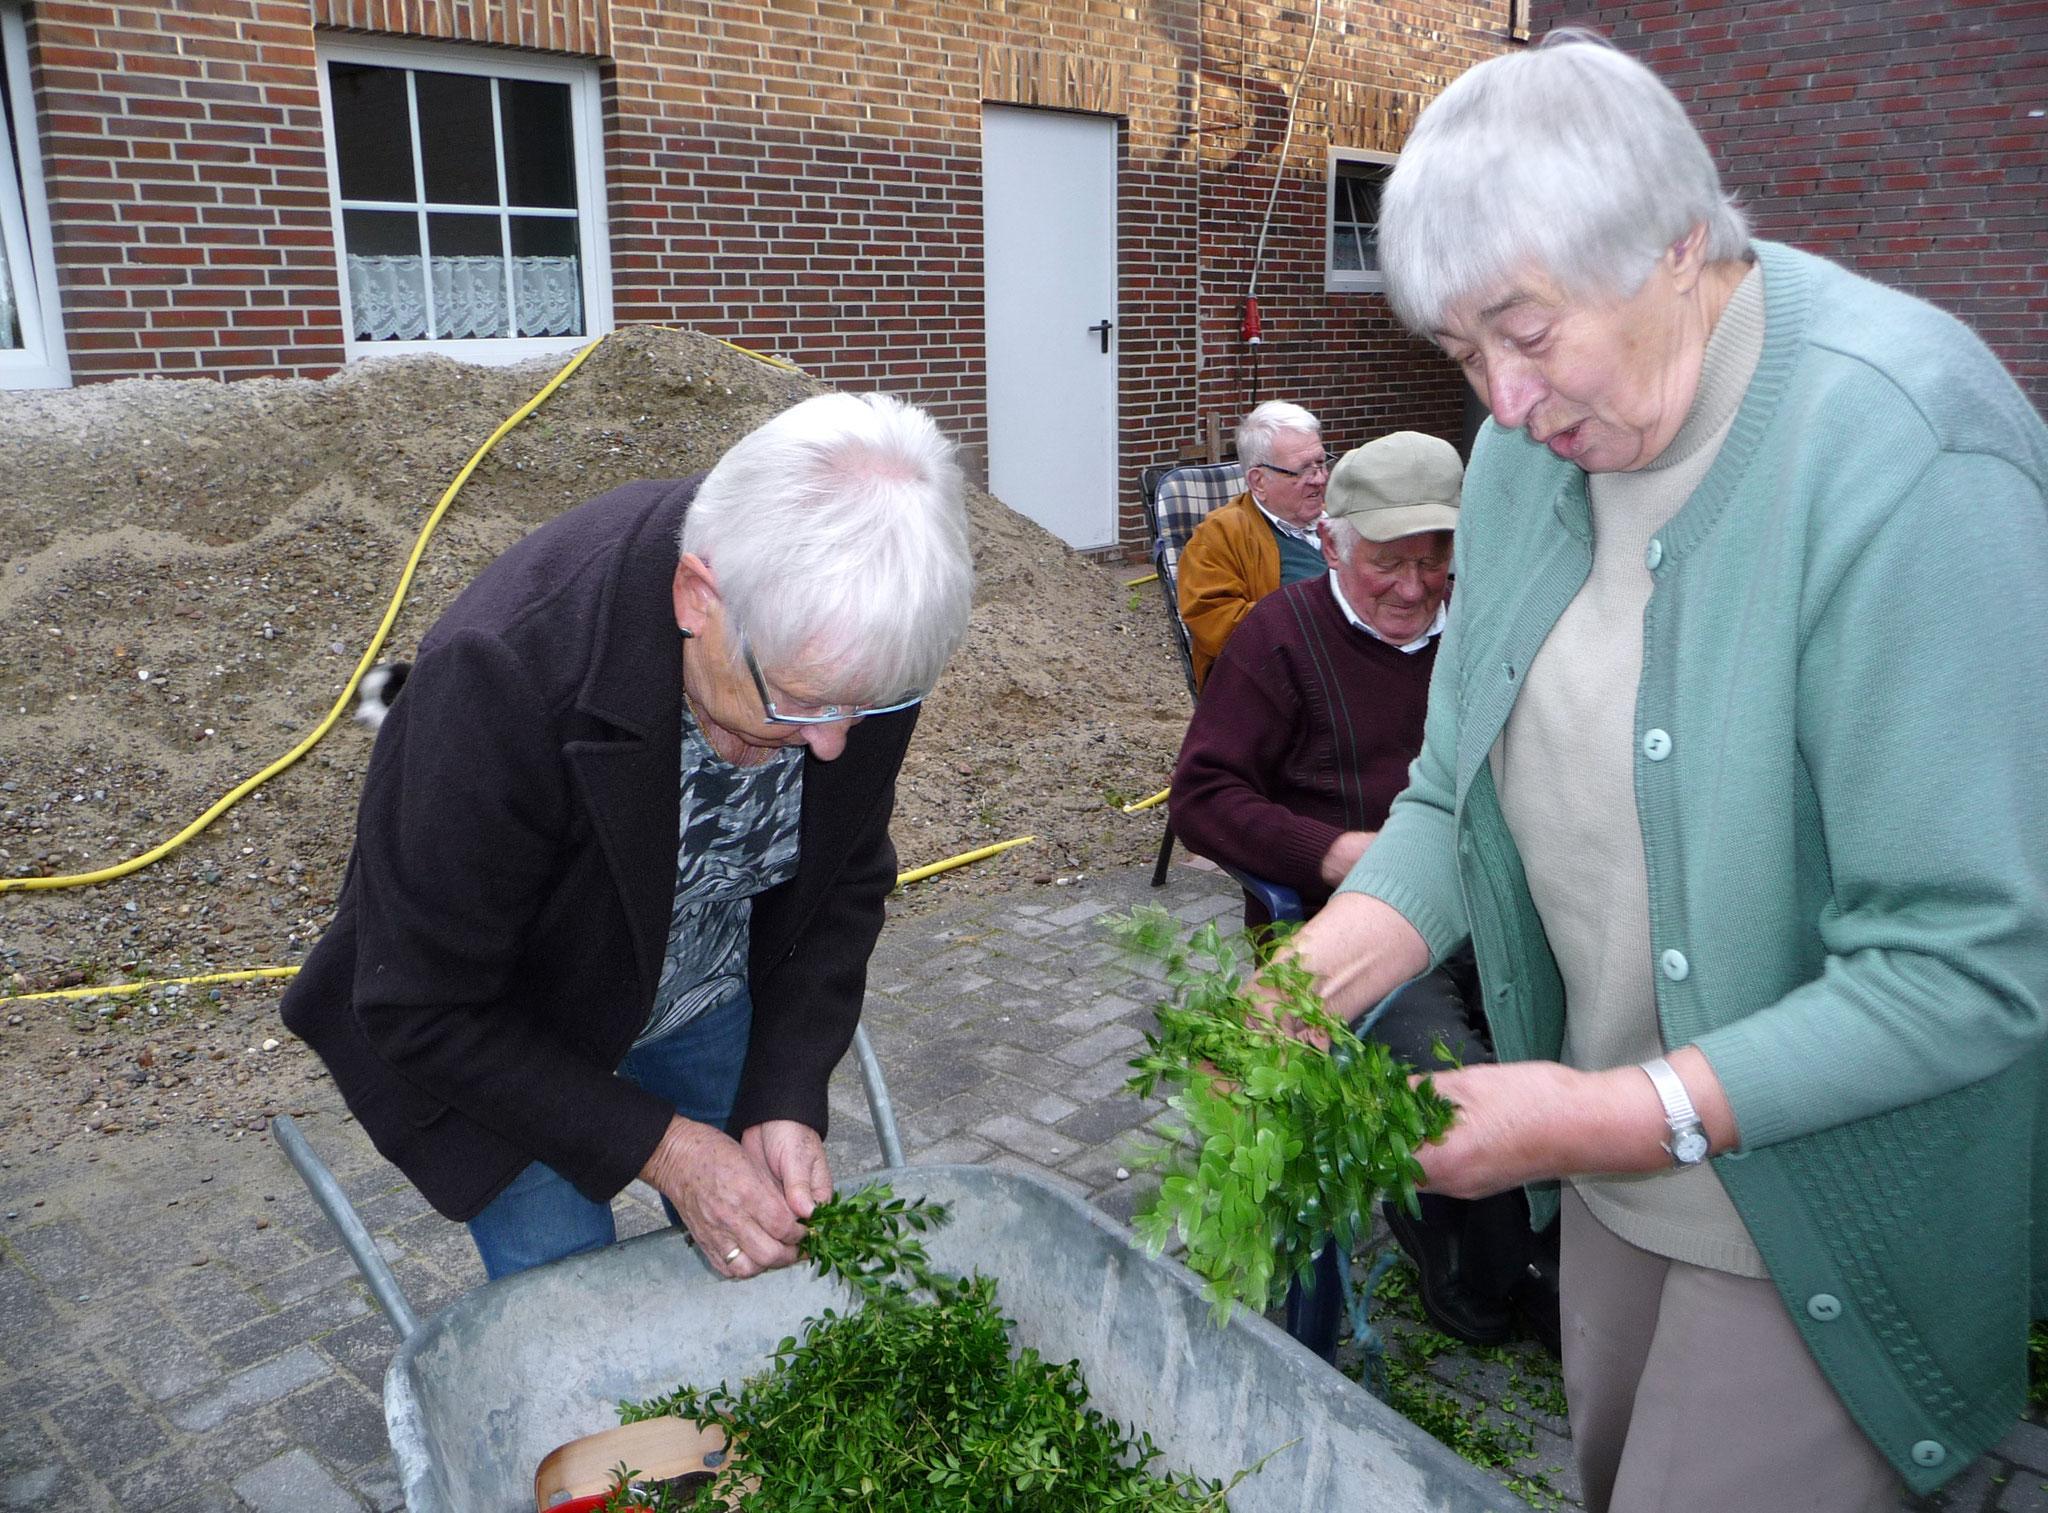 Gisela und Inge reichen ihm die Buchsbaumbündel